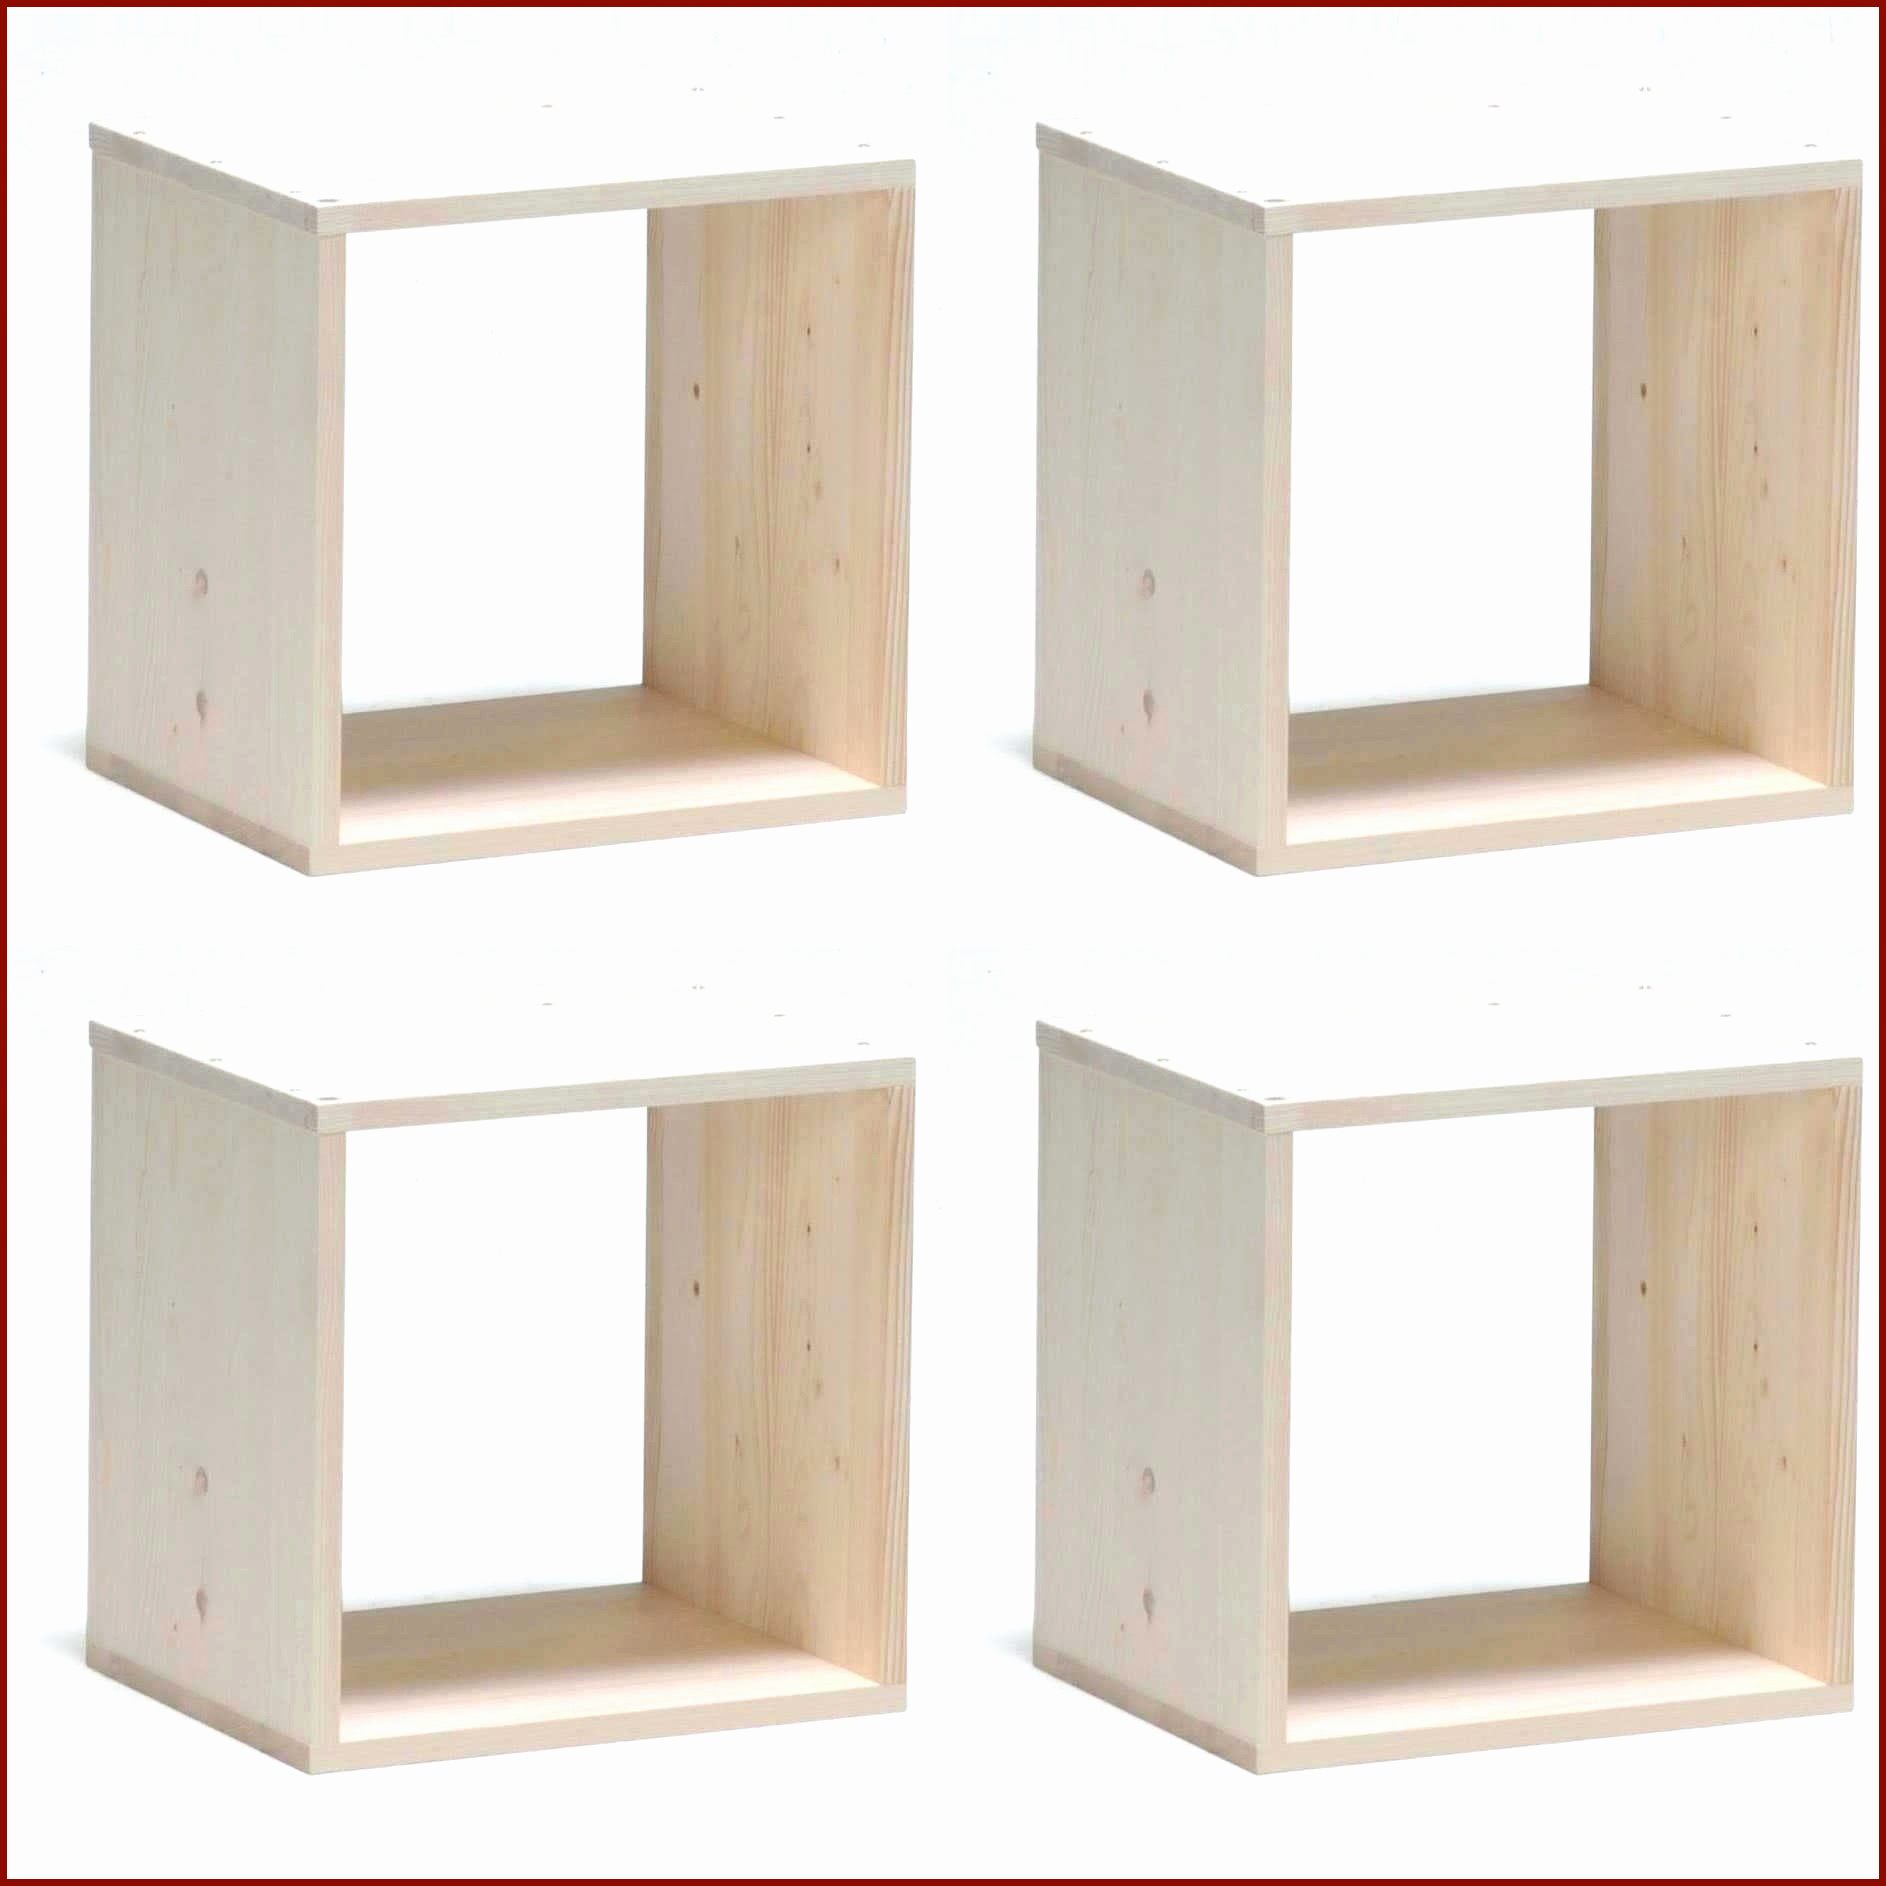 Lit Bois Pliant Frais Bureau Pliant Ikea Unique Table Pliable Ikea New Lit En Bois Pliant